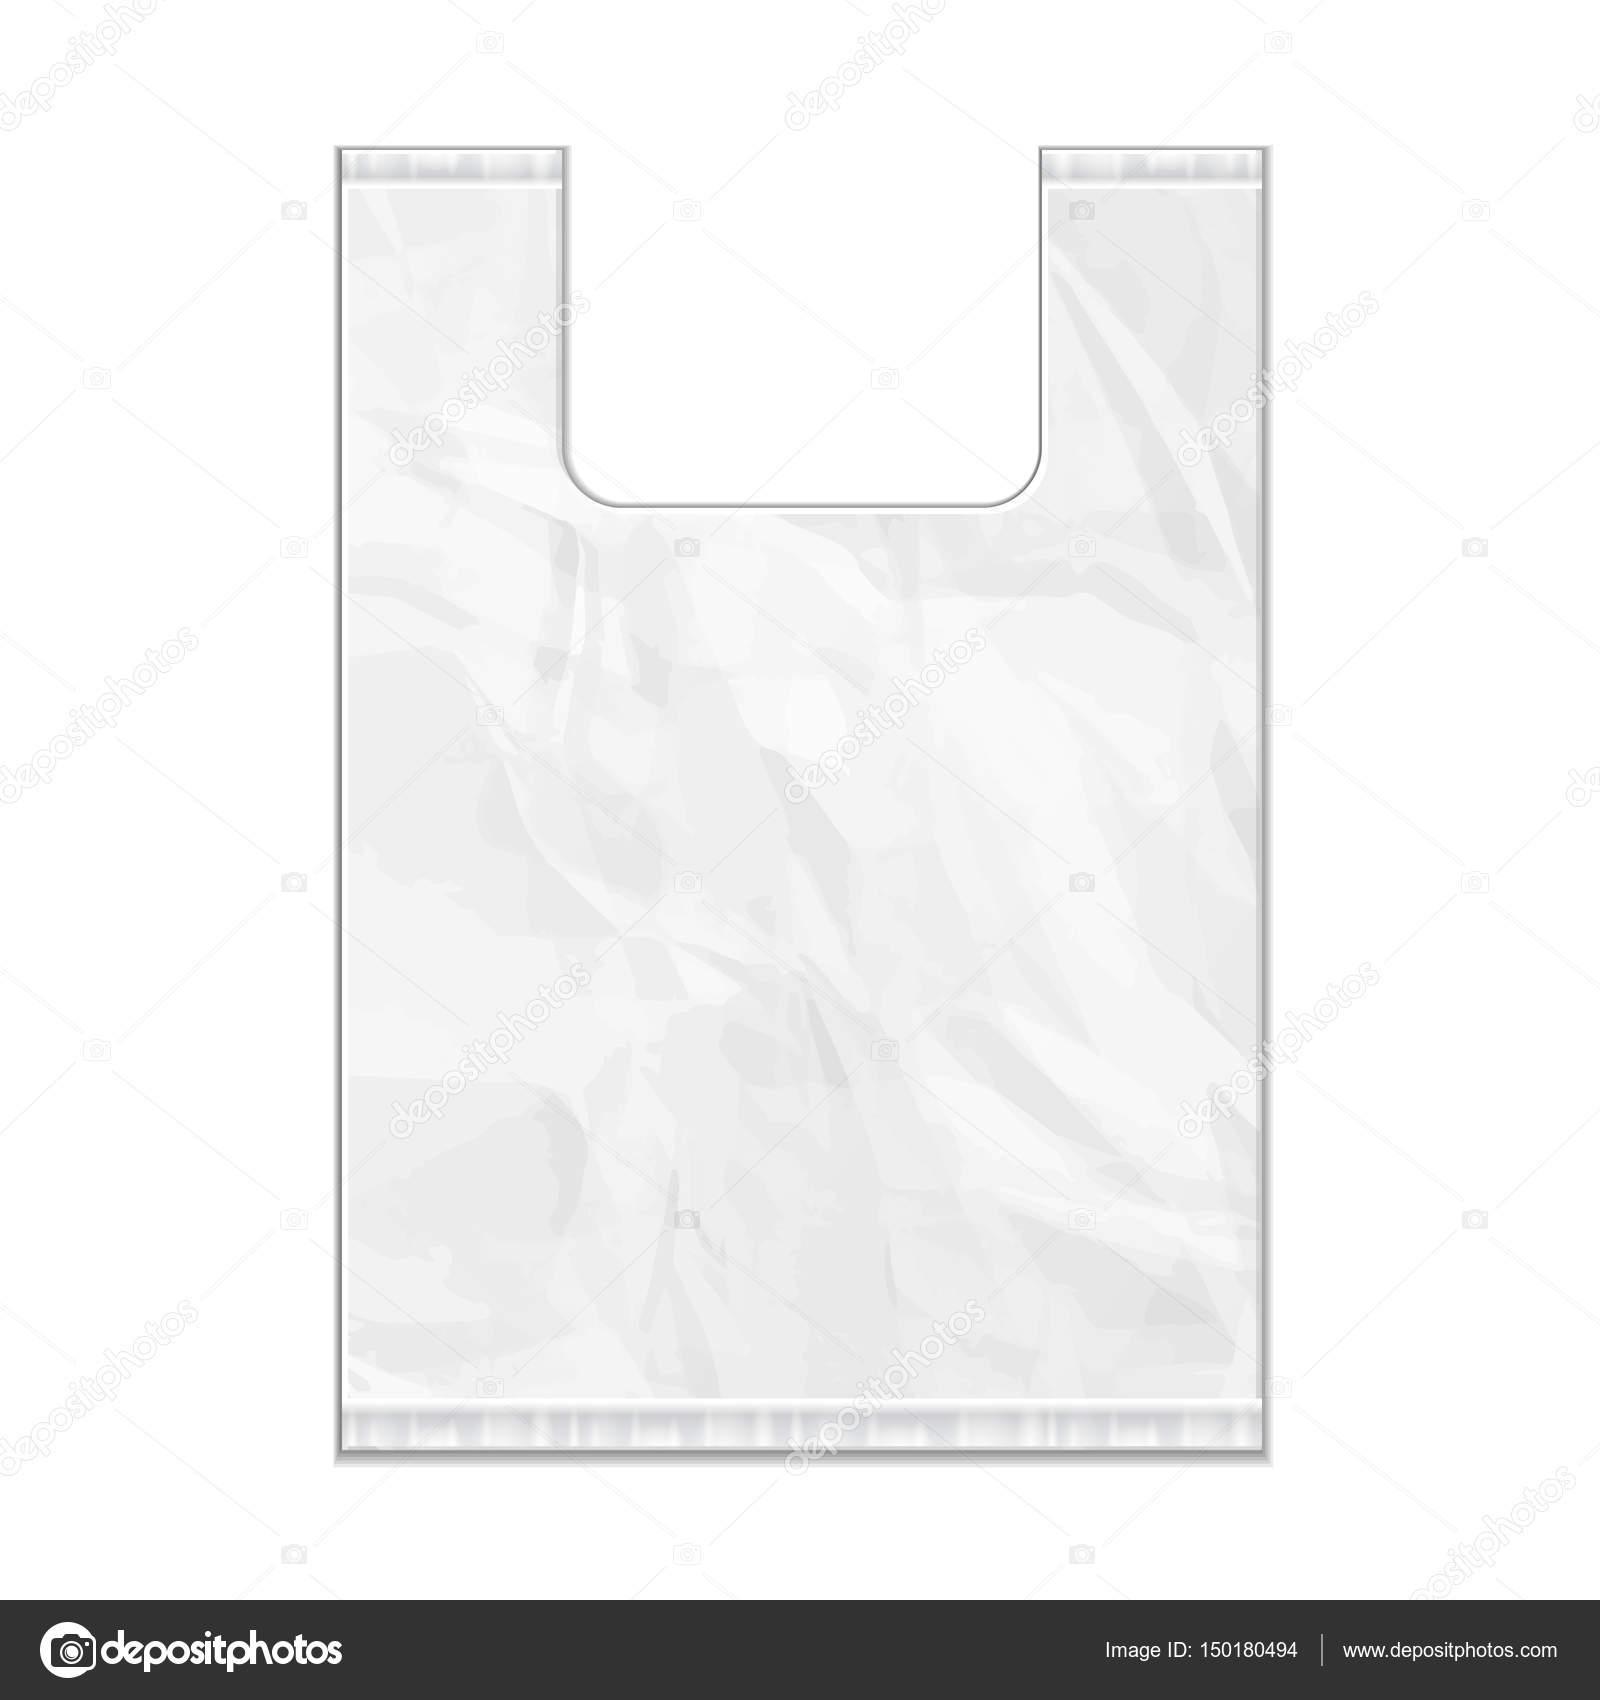 bolsa desechable de plstico paquete plantilla de escala de grises sobre fondo blanco aislado se burlan de plantilla listos para su diseo